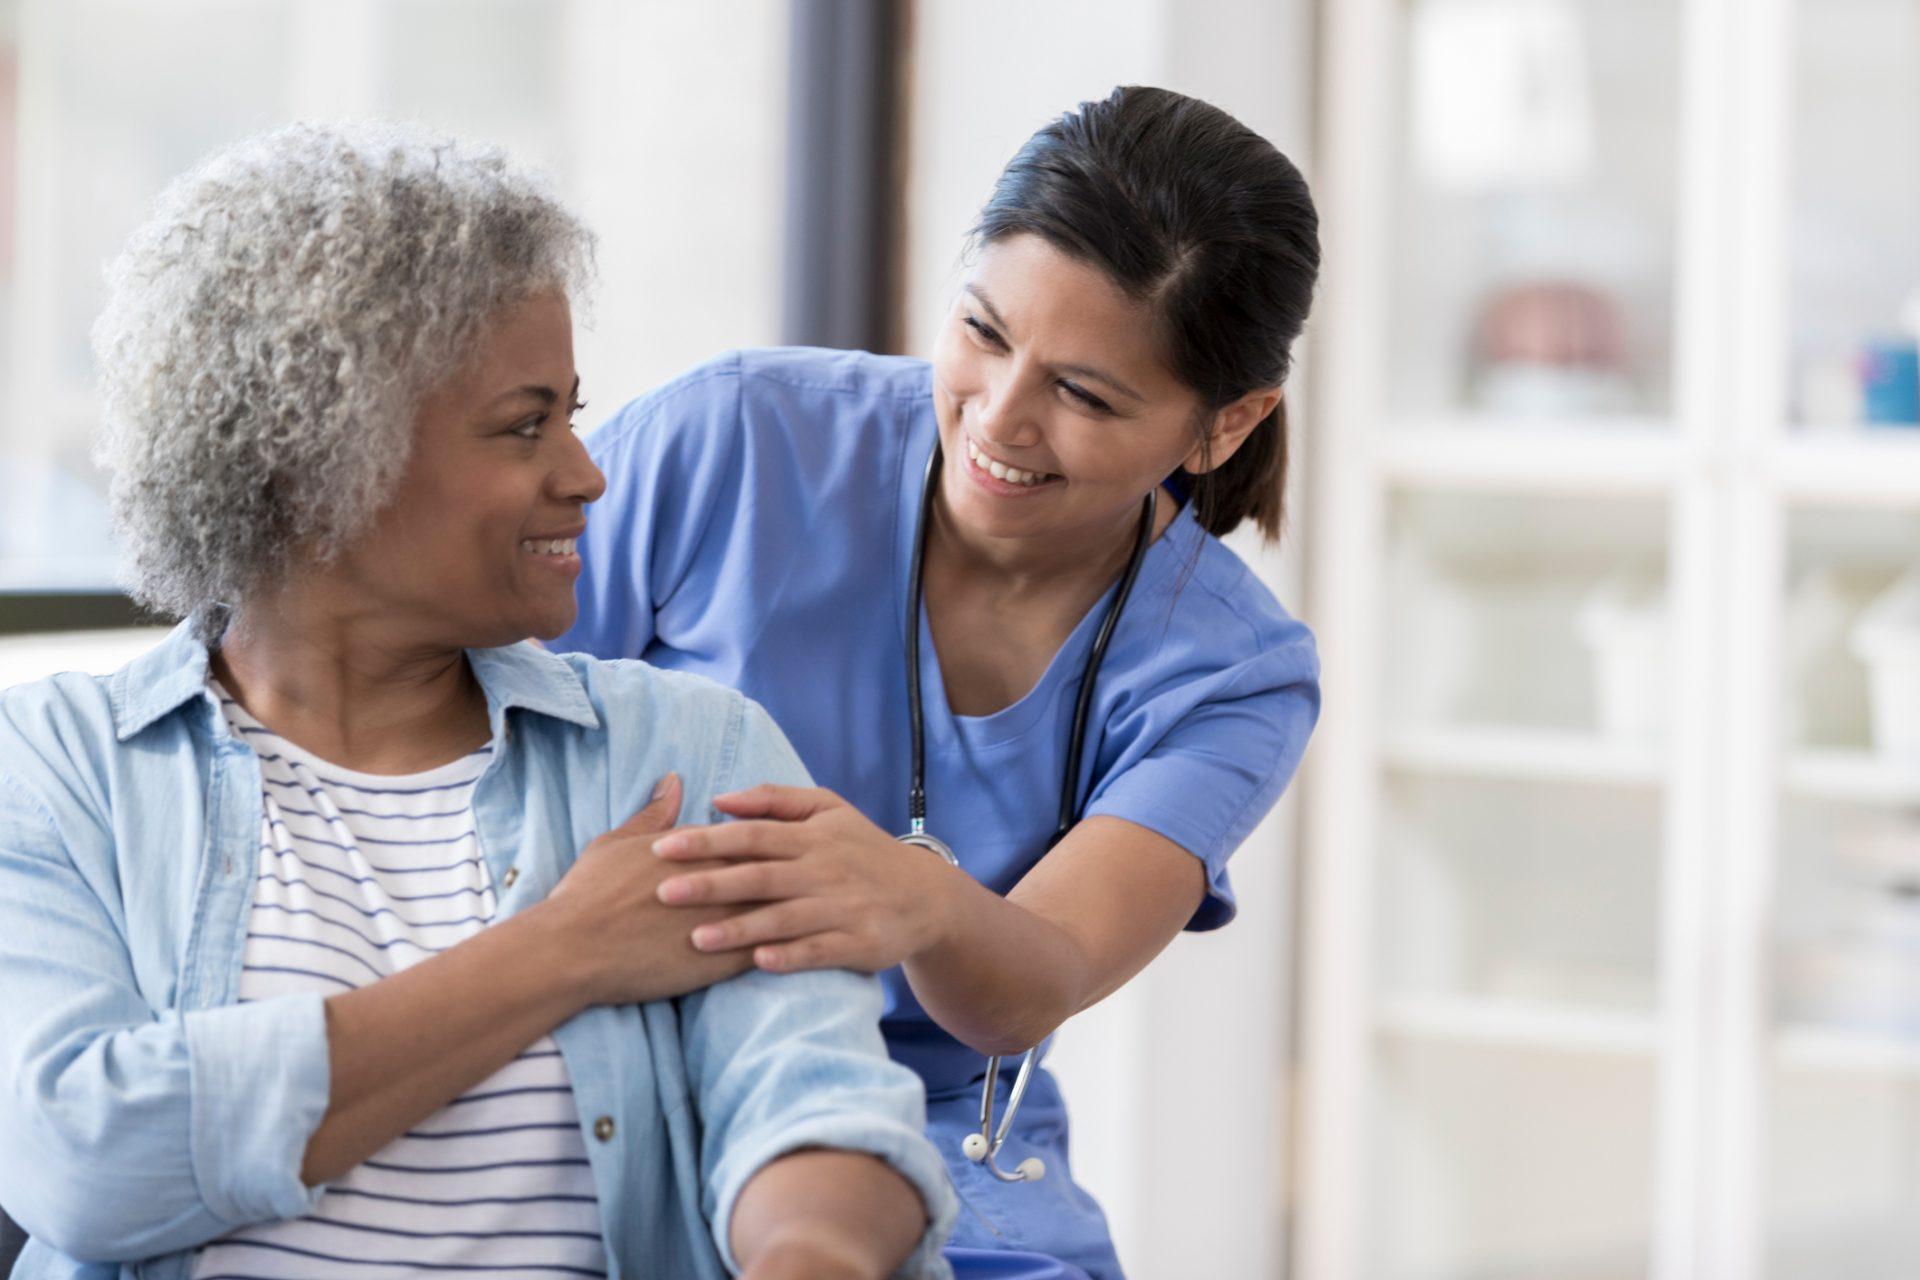 Imunização: Quais as vacinas não podem faltar para os idosos?